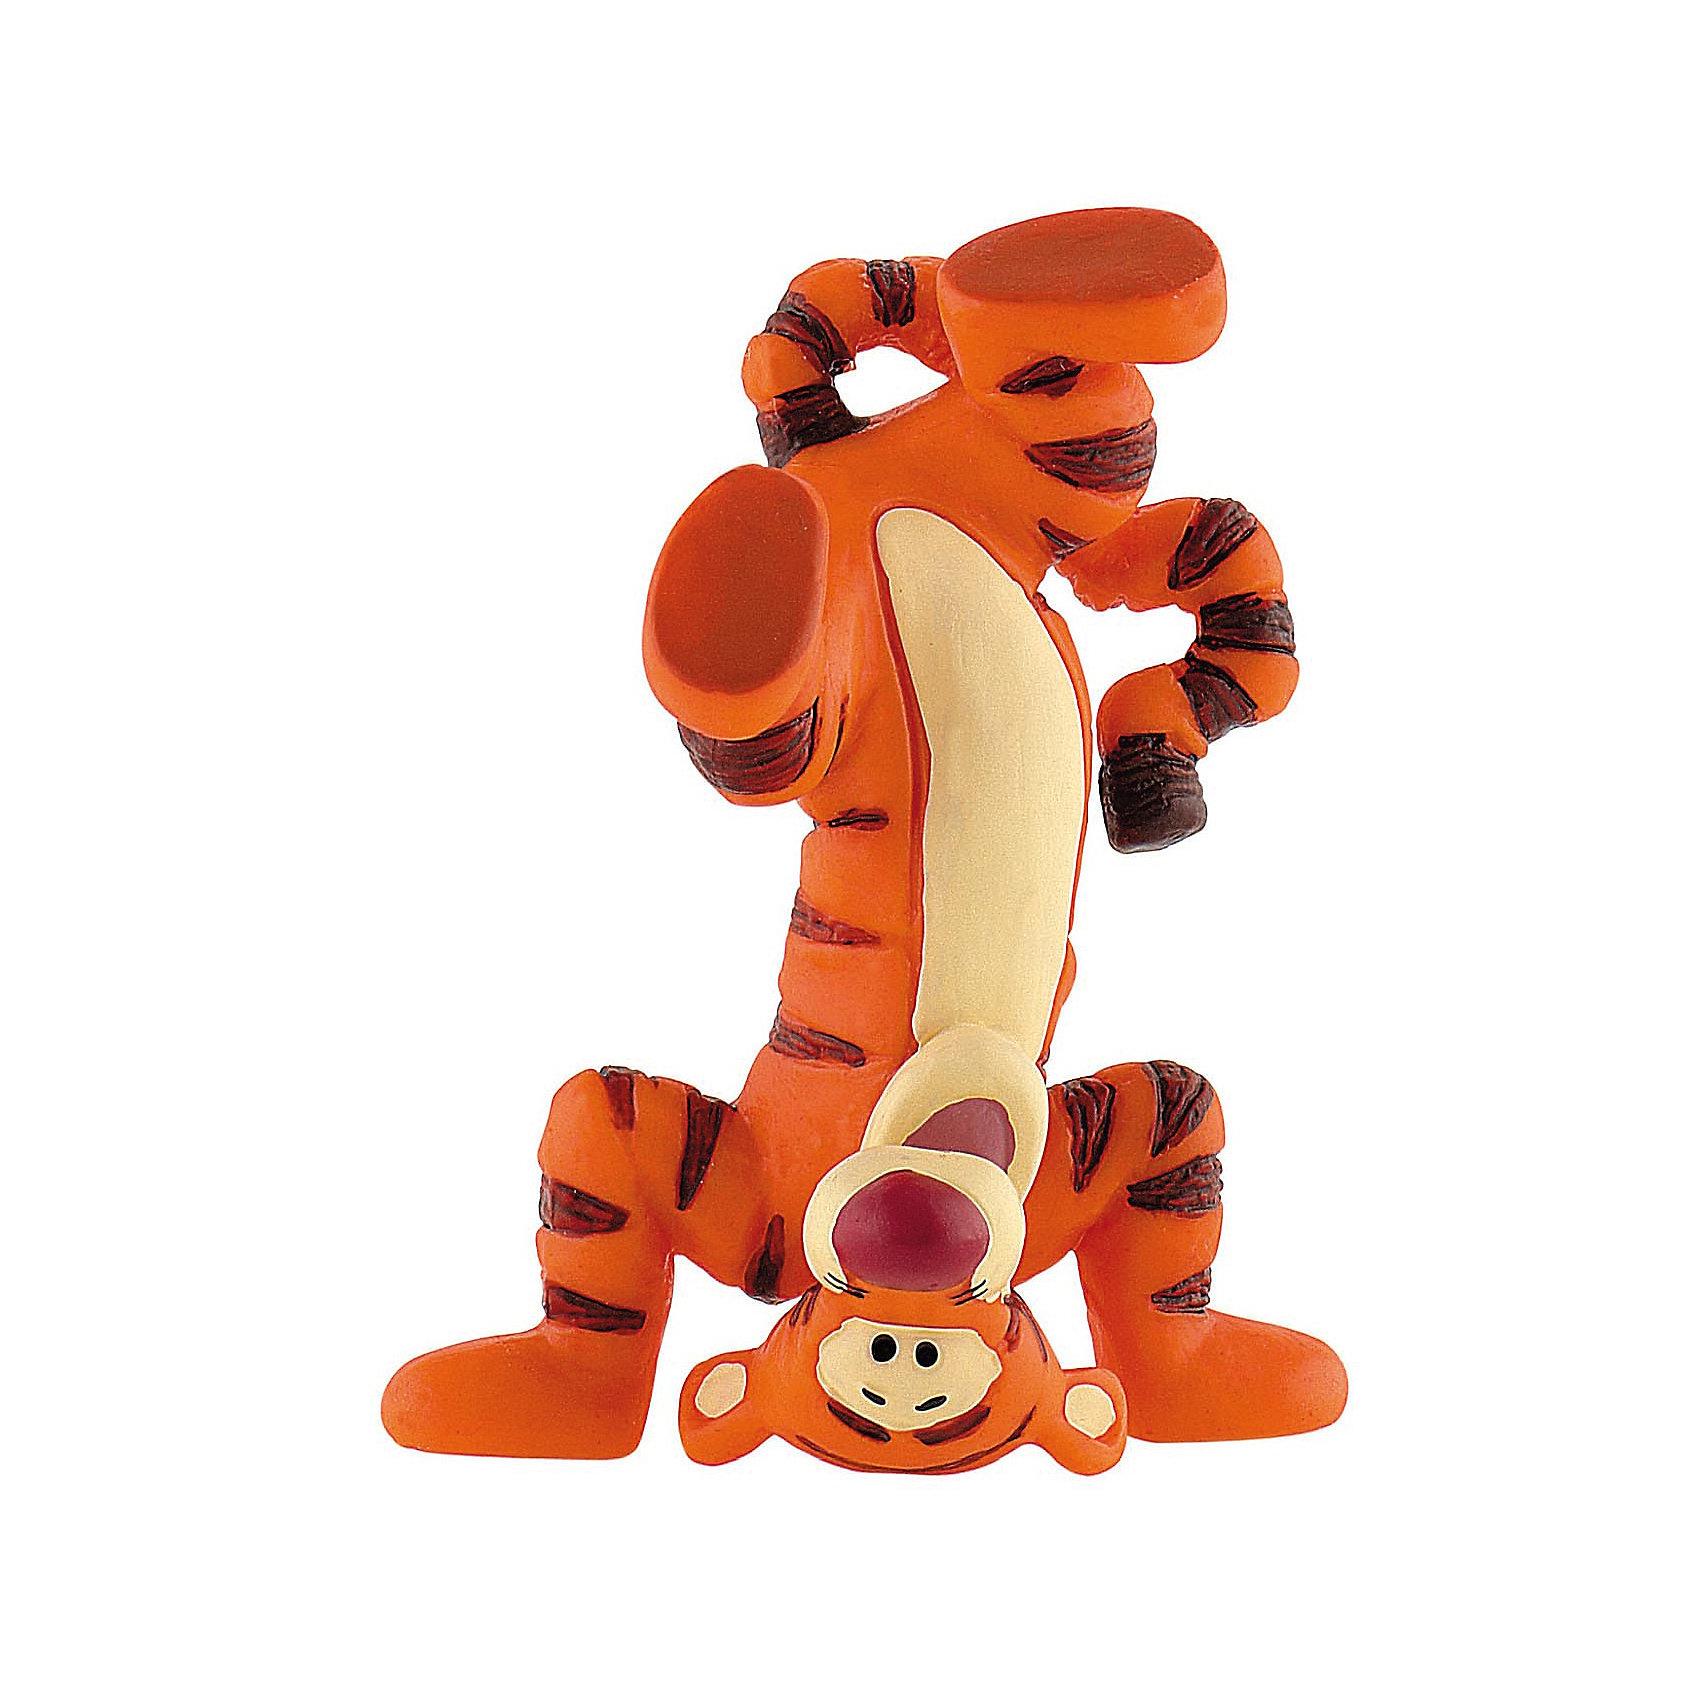 Фигурка Тигруля, стоящий на голове, Винни ПухКоллекционные и игровые фигурки<br>Фигурка Тигрули из мультфильма студии Уолта Диснея «Винни-Пух и все, все, все». Наш веселый и жизнерадостный Тигруля стоит на голове! И это еще далеко не все, что он умеет! Тигруля прекрасно прыгает, лазает по деревьям и, конечно же, бегает. Фигурка персонажа отражает его безмерную энергичность и веселый нрав. Игрушка выполнена из высококачественных, нетоксичных материалов и безопасна для детей.<br><br>Дополнительная информация:<br><br>Размер:6,7 см <br>Материал: термопластичный каучук высокого качества. <br> <br>Фигурку Тигруля, стоящий на голове,  Disney можно купить в нашем магазине.<br><br>Ширина мм: 105<br>Глубина мм: 139<br>Высота мм: 32<br>Вес г: 17<br>Возраст от месяцев: 36<br>Возраст до месяцев: 1164<br>Пол: Женский<br>Возраст: Детский<br>SKU: 2270186